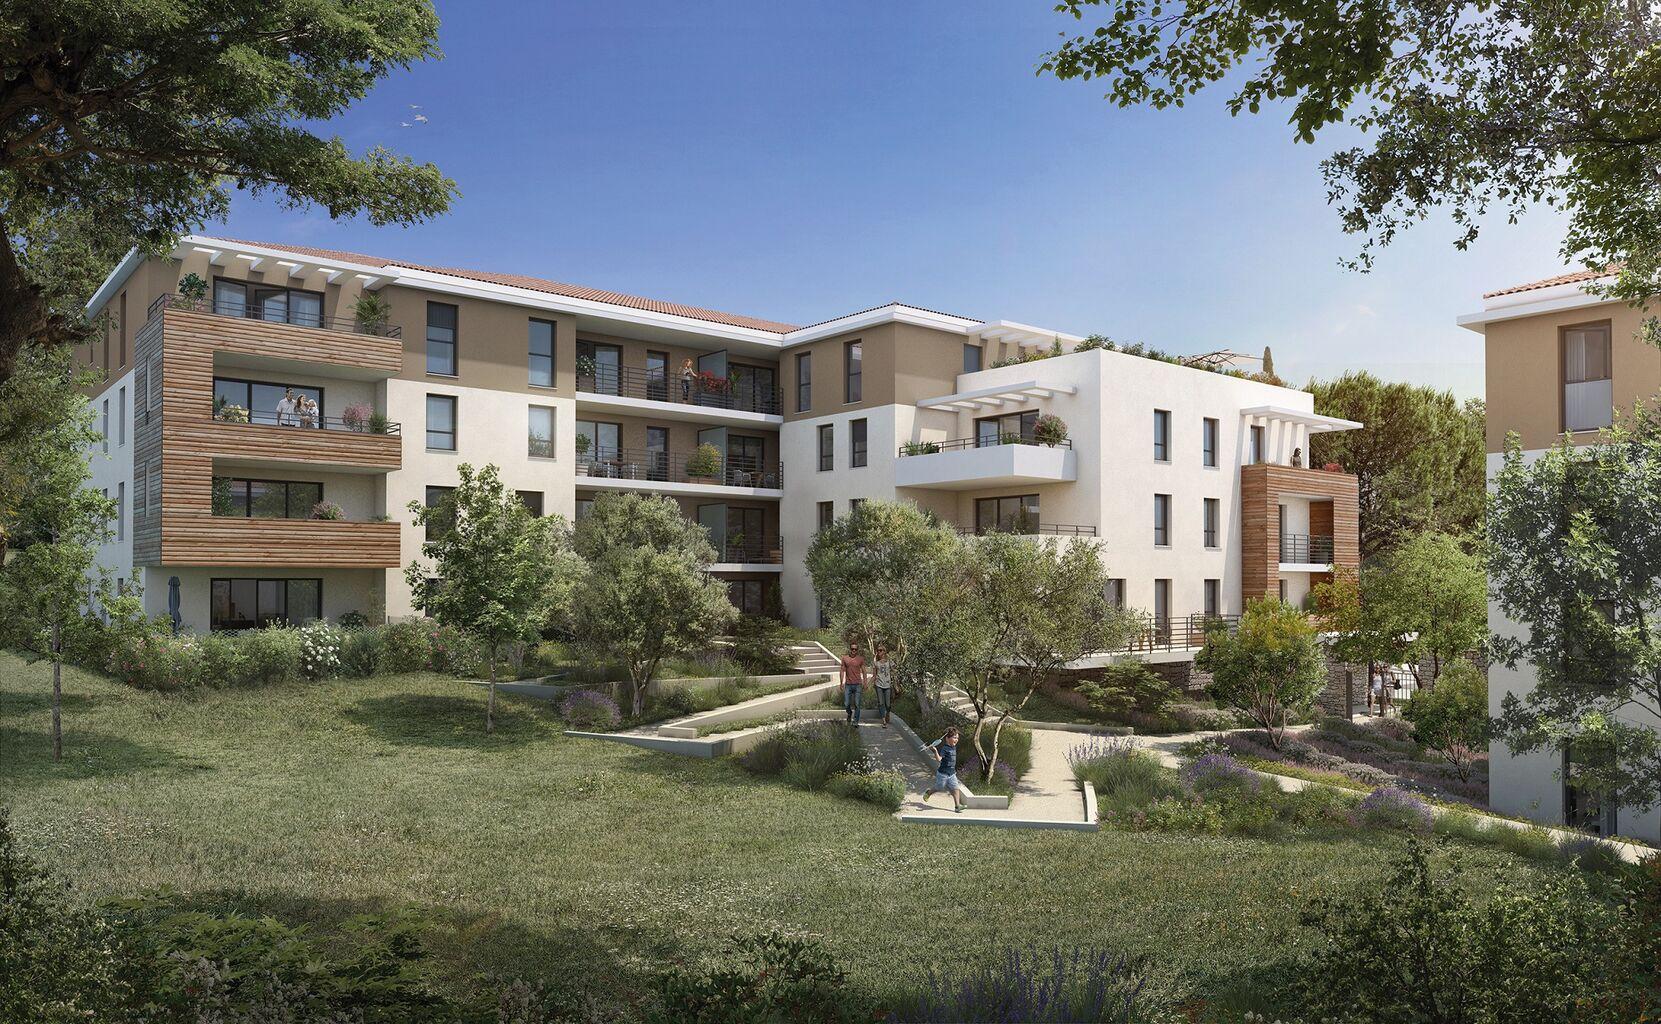 Programme immobilier VAL147 appartement à Aix-En-Provence (13100) Entre ville et campagne